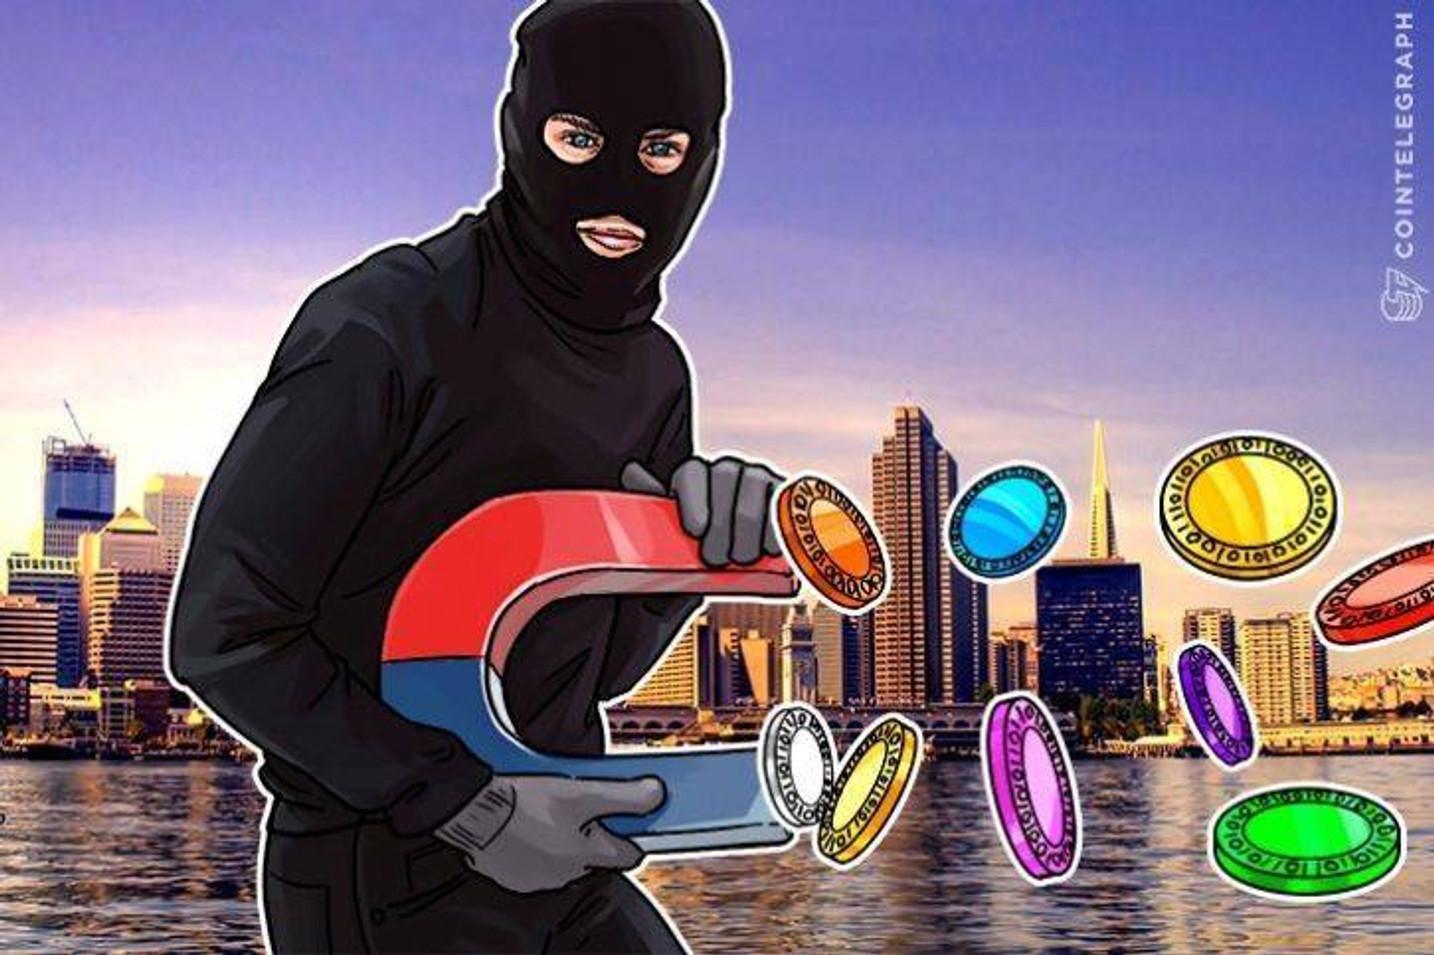 オーストラリア、昨年の仮想通貨の詐欺被害額 約210万ドル